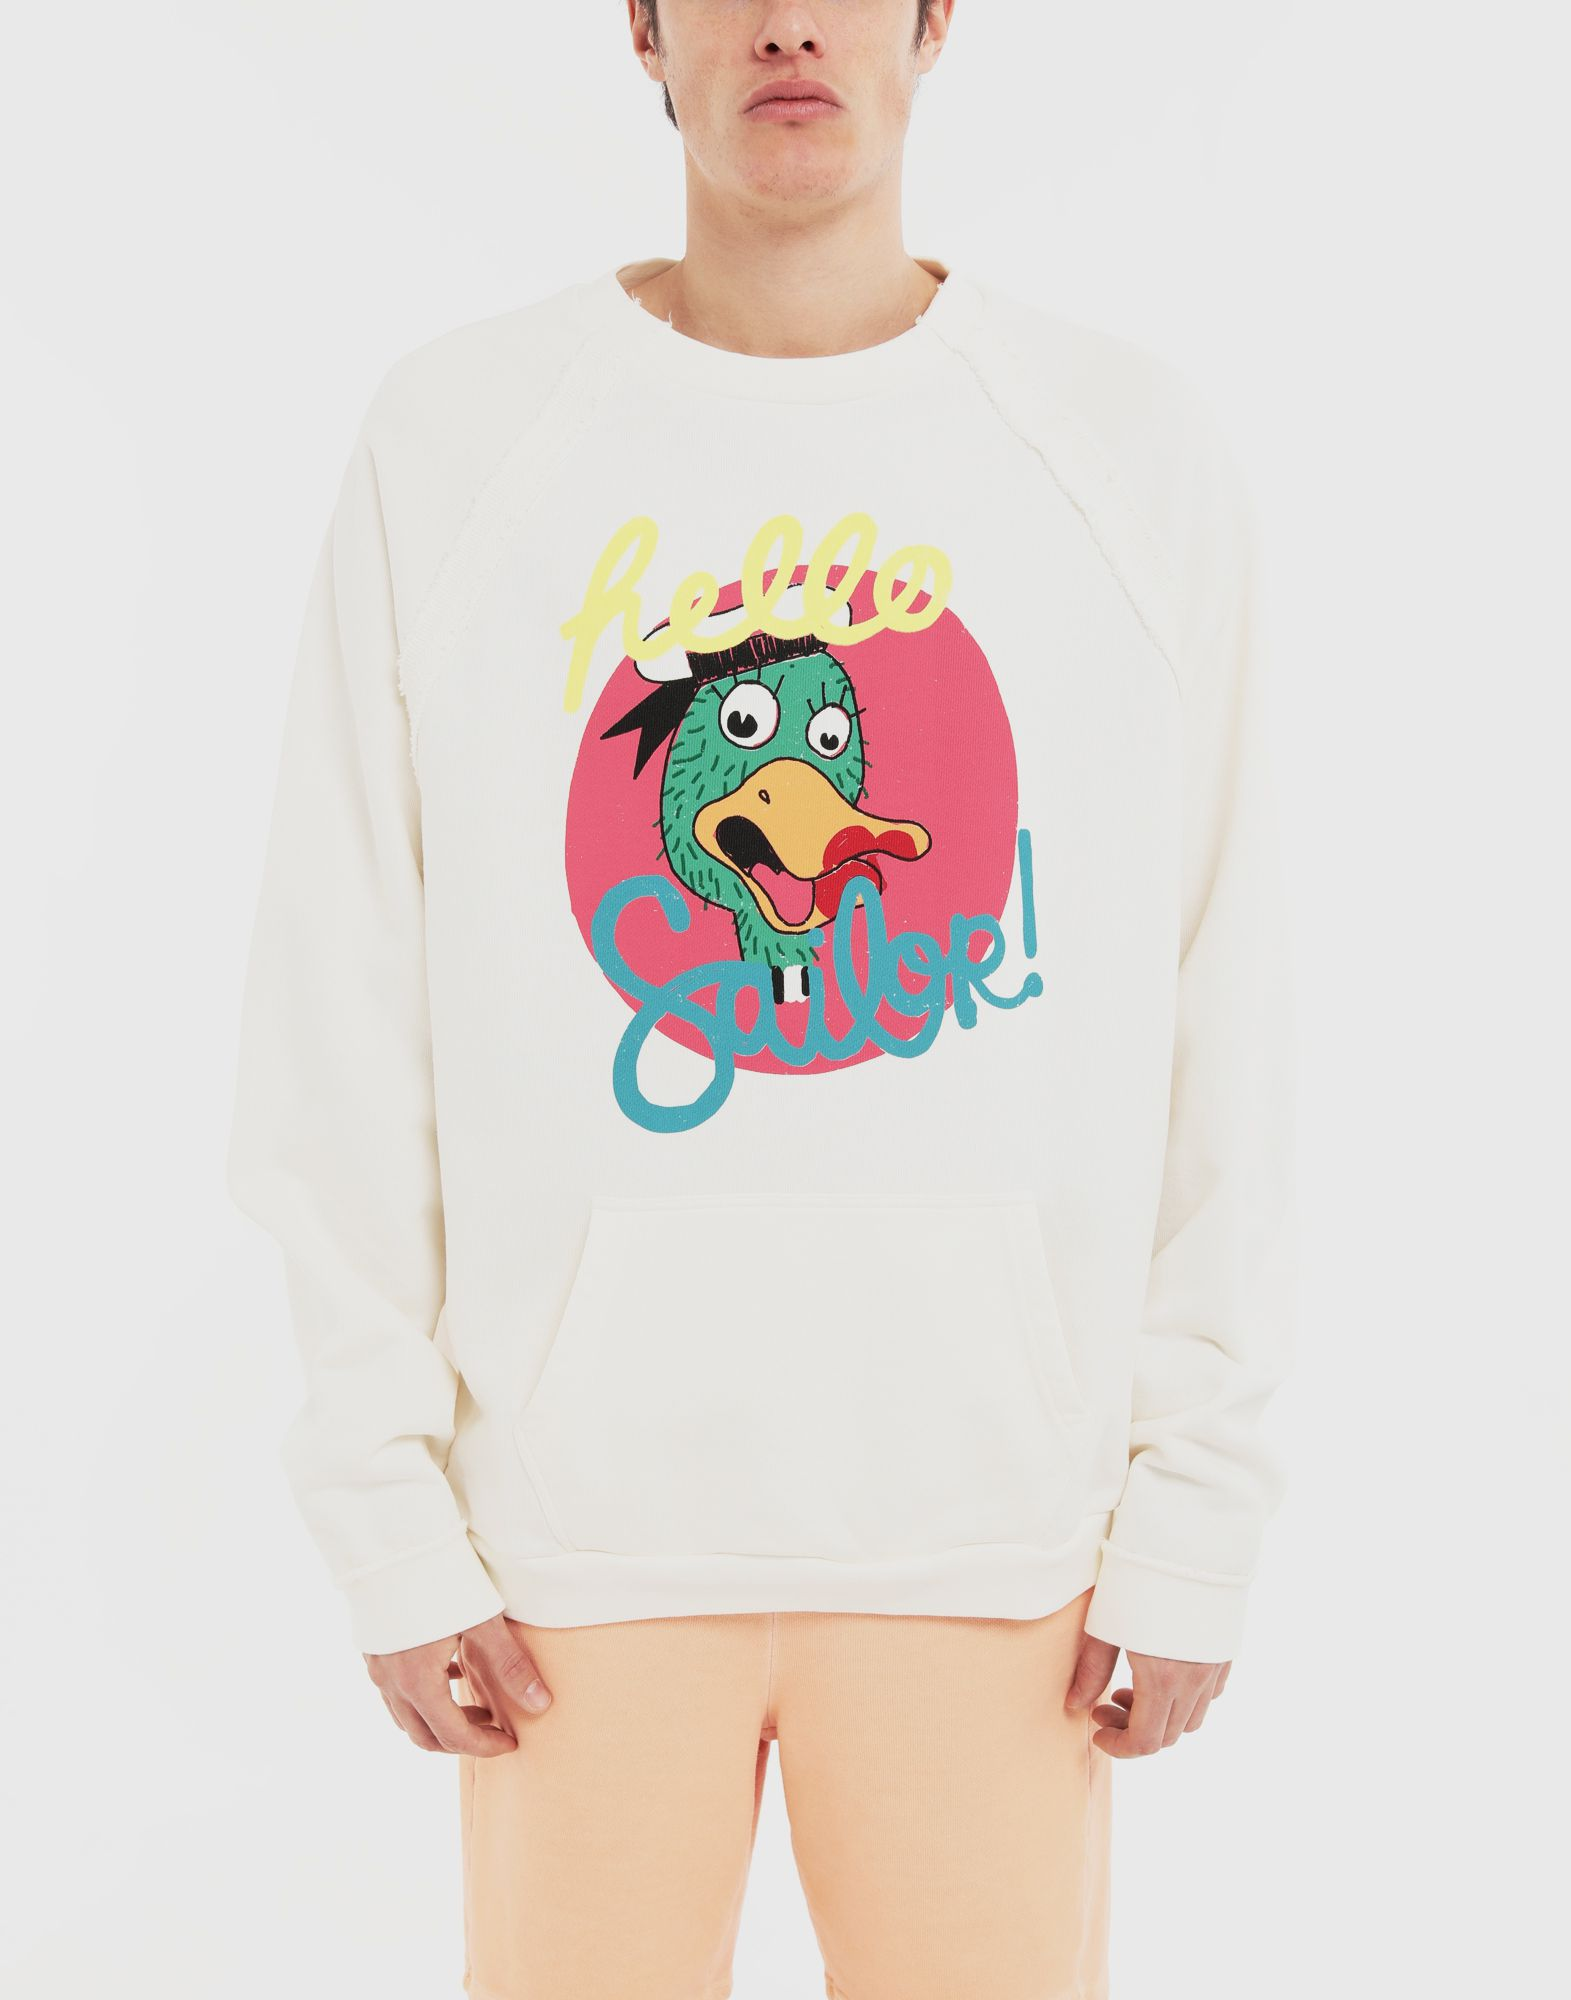 MAISON MARGIELA Sweat-shirt en jersey avec imprimé Sailor Sweatshirt Homme r